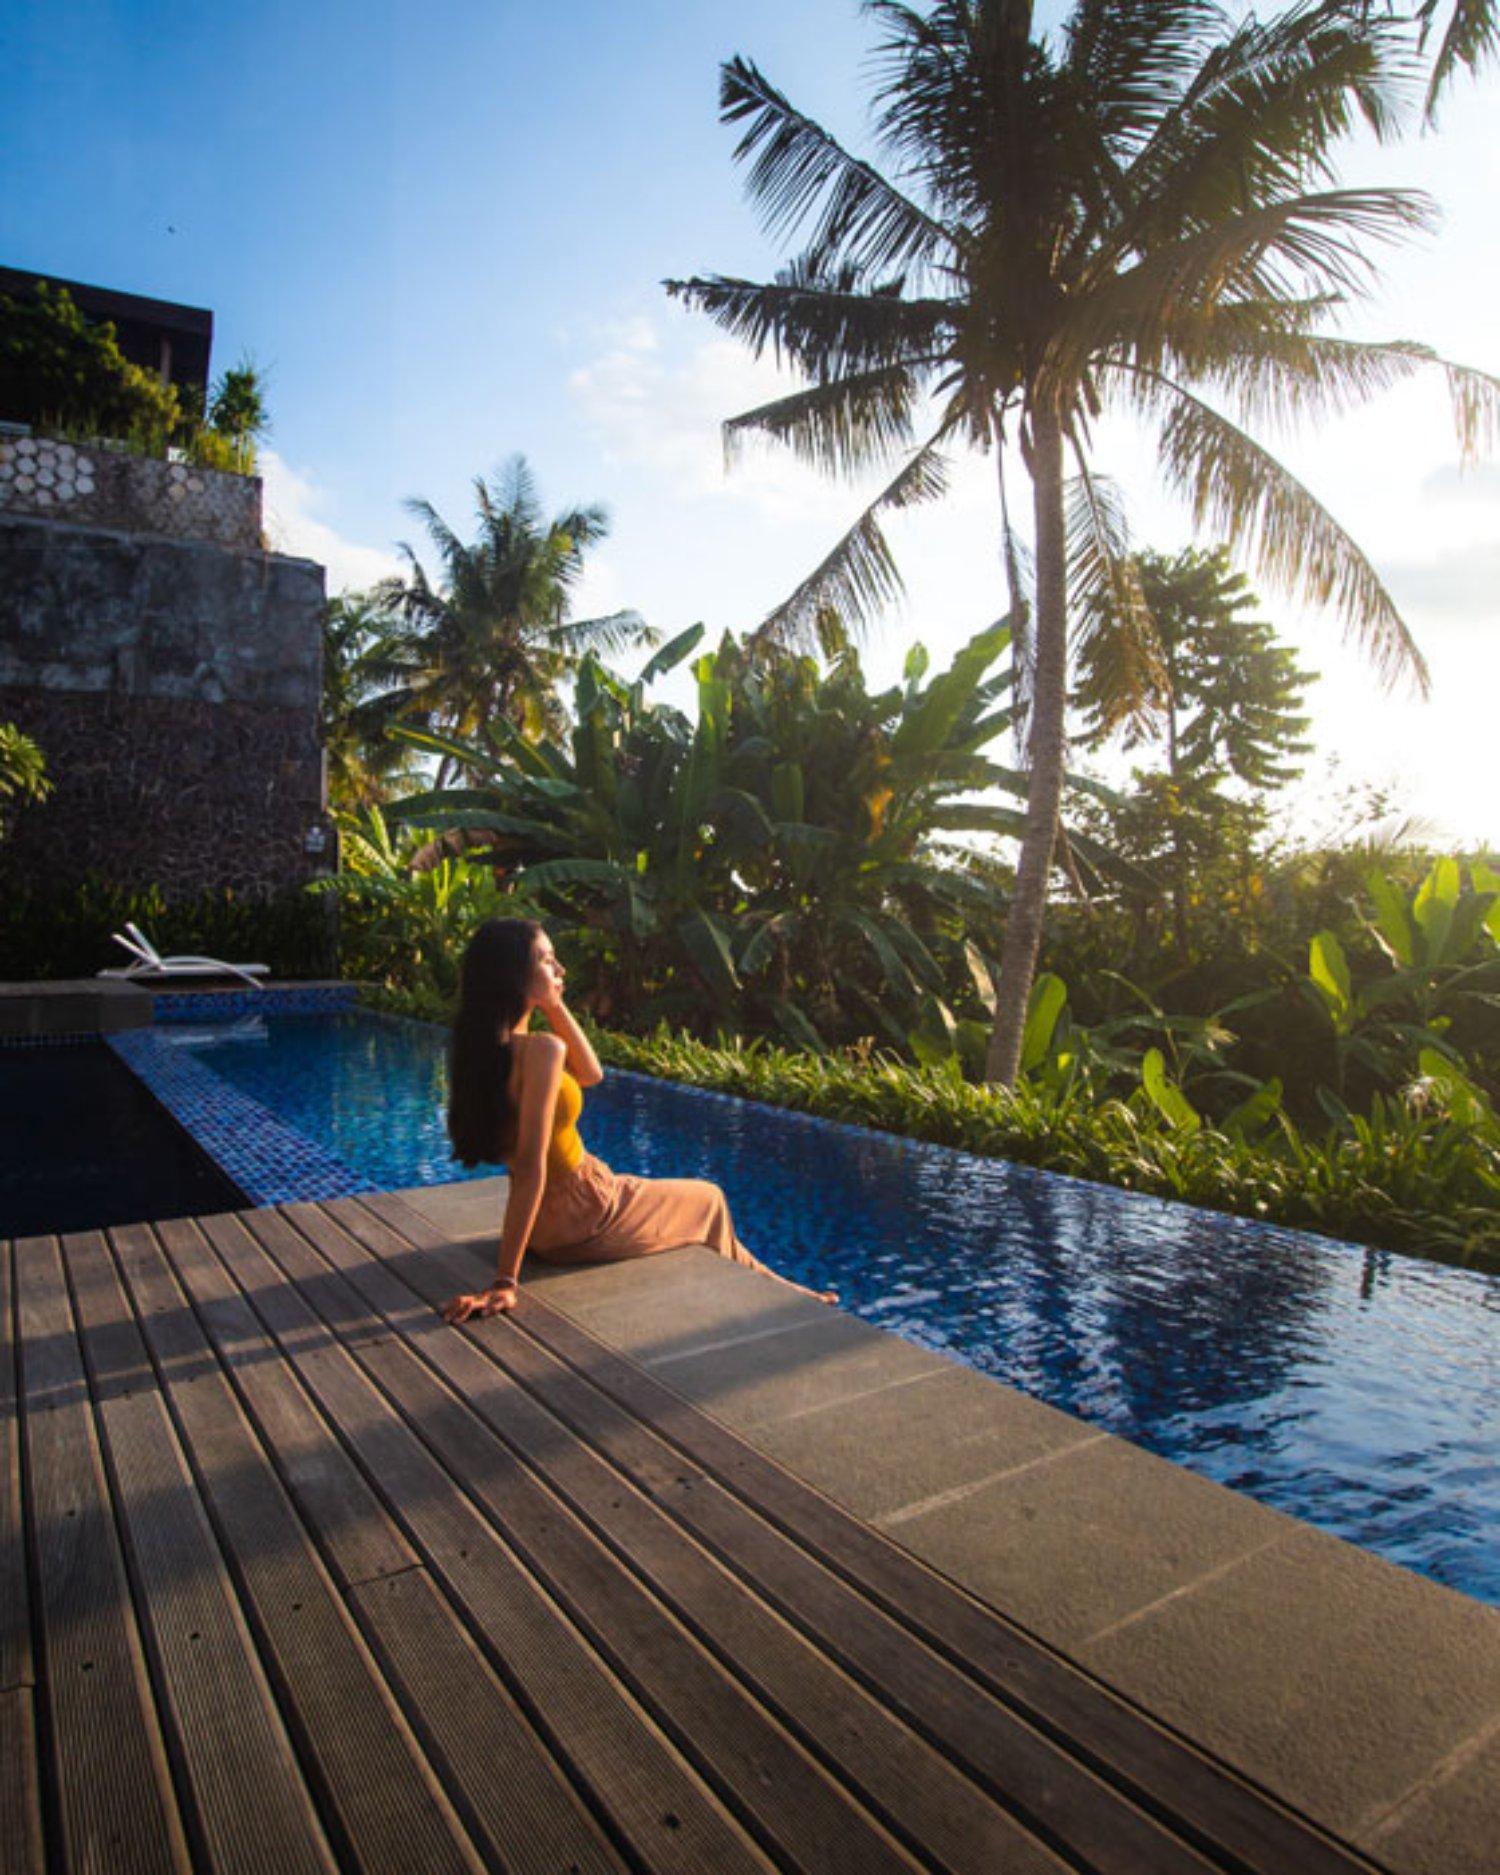 Bali Holiday Plan